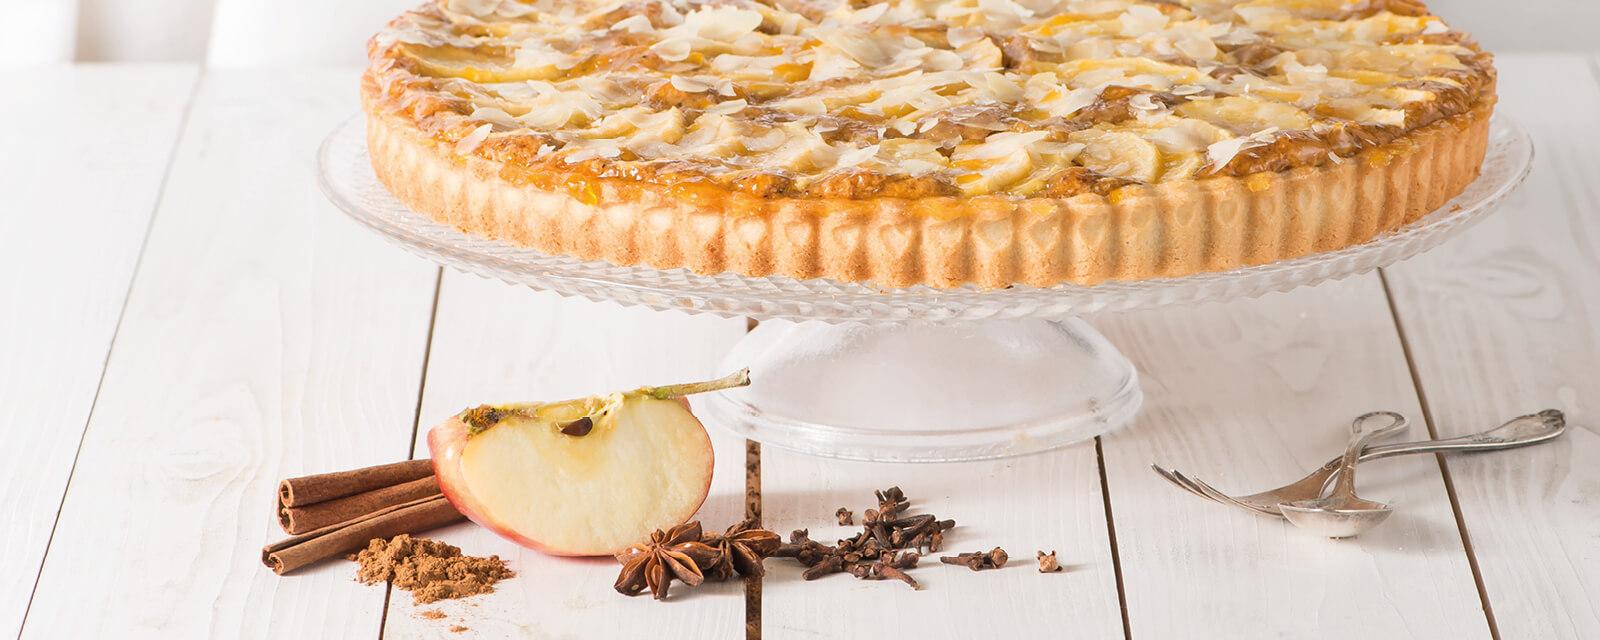 Expresslieferung Feiner Kuchen Tartes Und Quiches In Berlin